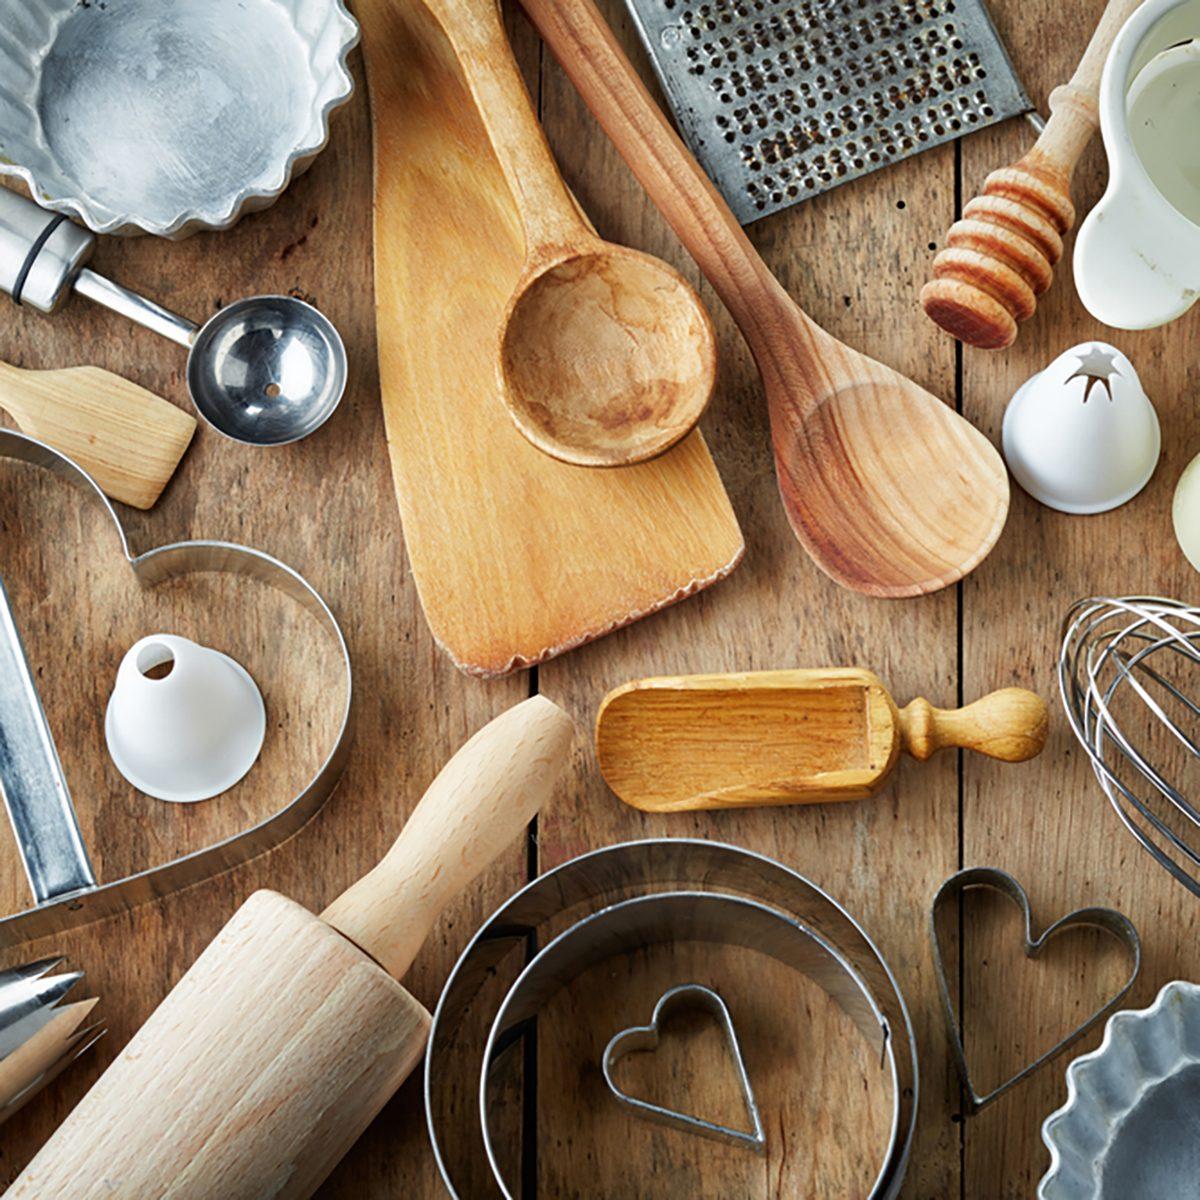 various kitchen utensils on wooden table